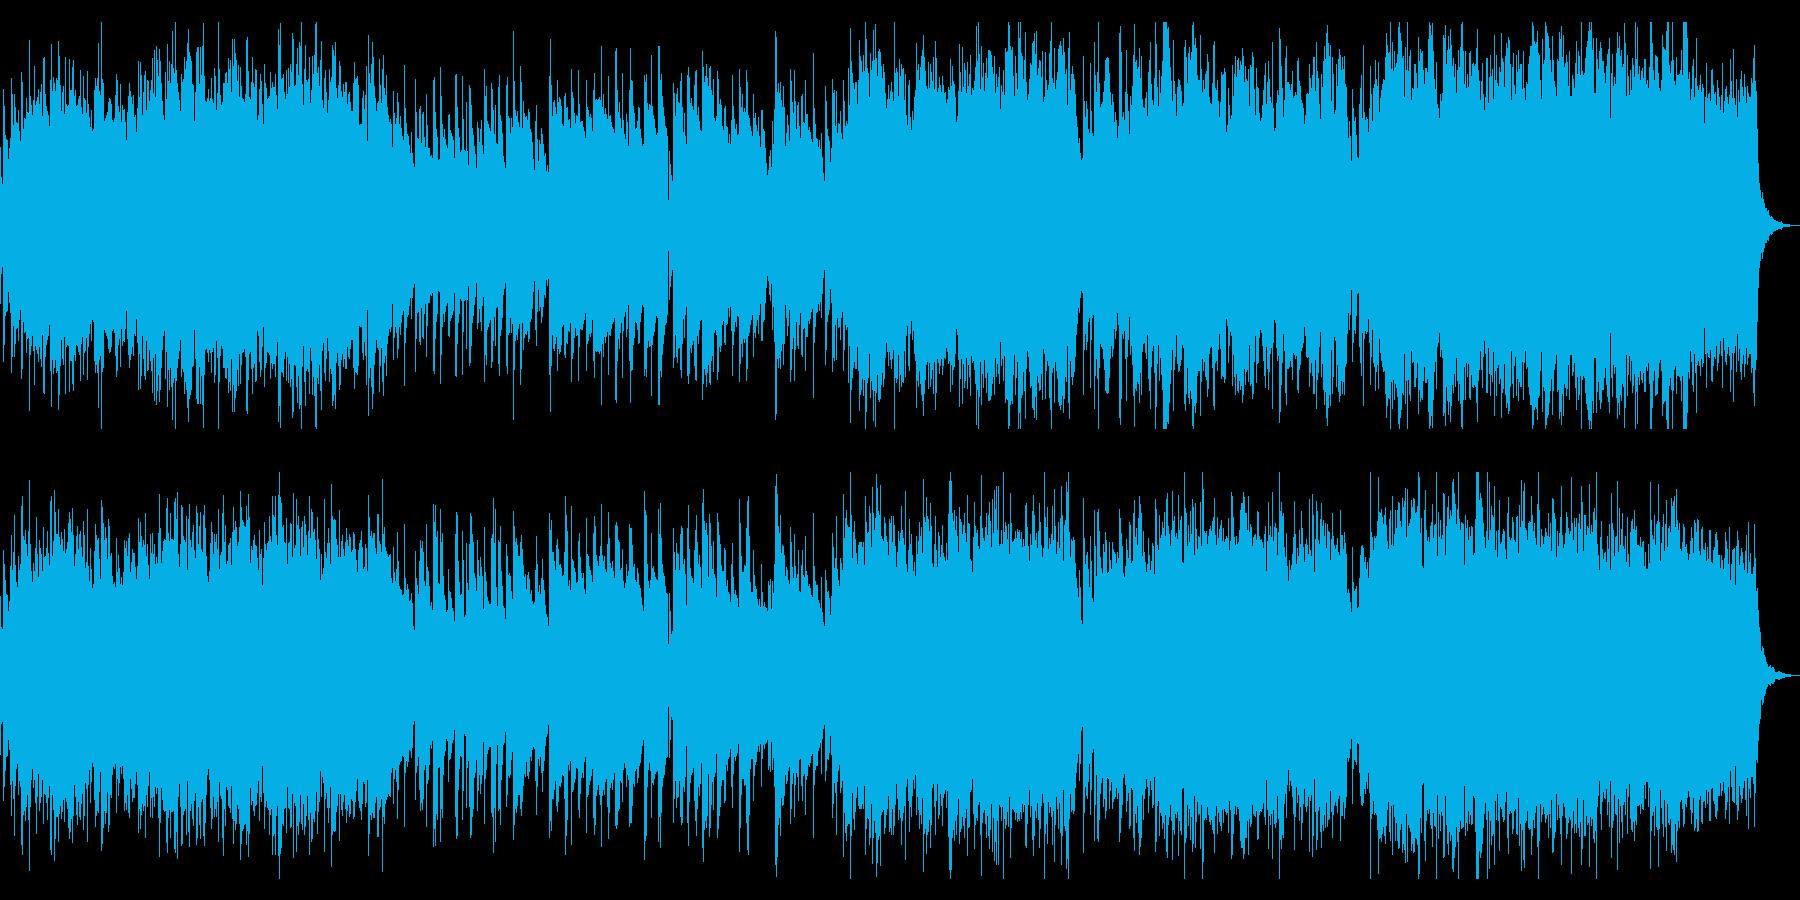 落ち着いたバロック風チェンバロのロンドの再生済みの波形